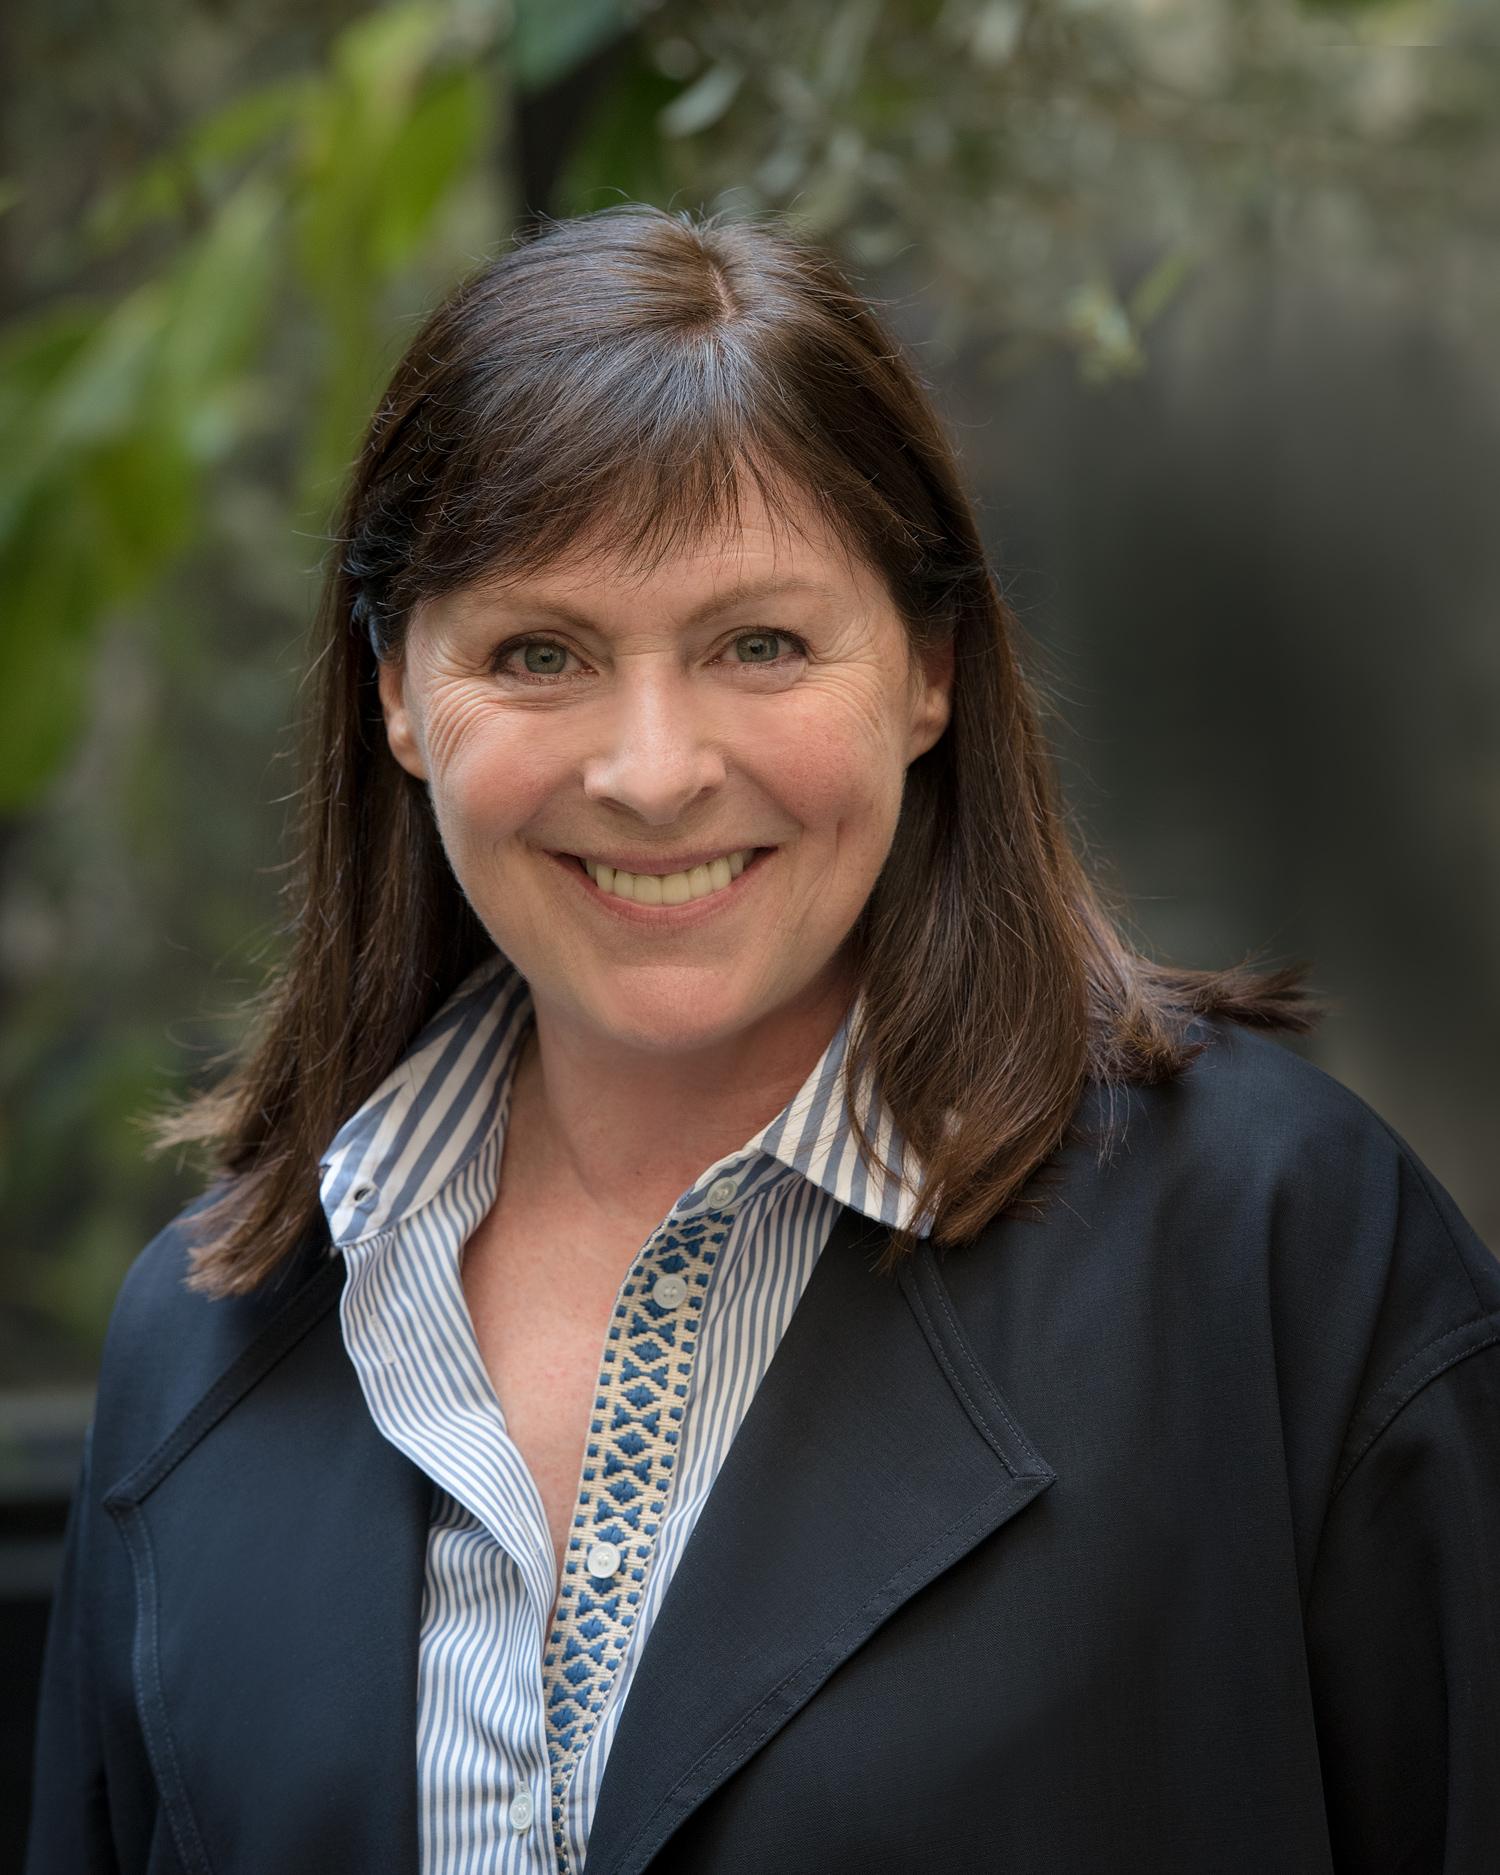 Bénédicte Peronnin - Delachaux Human Resources Director